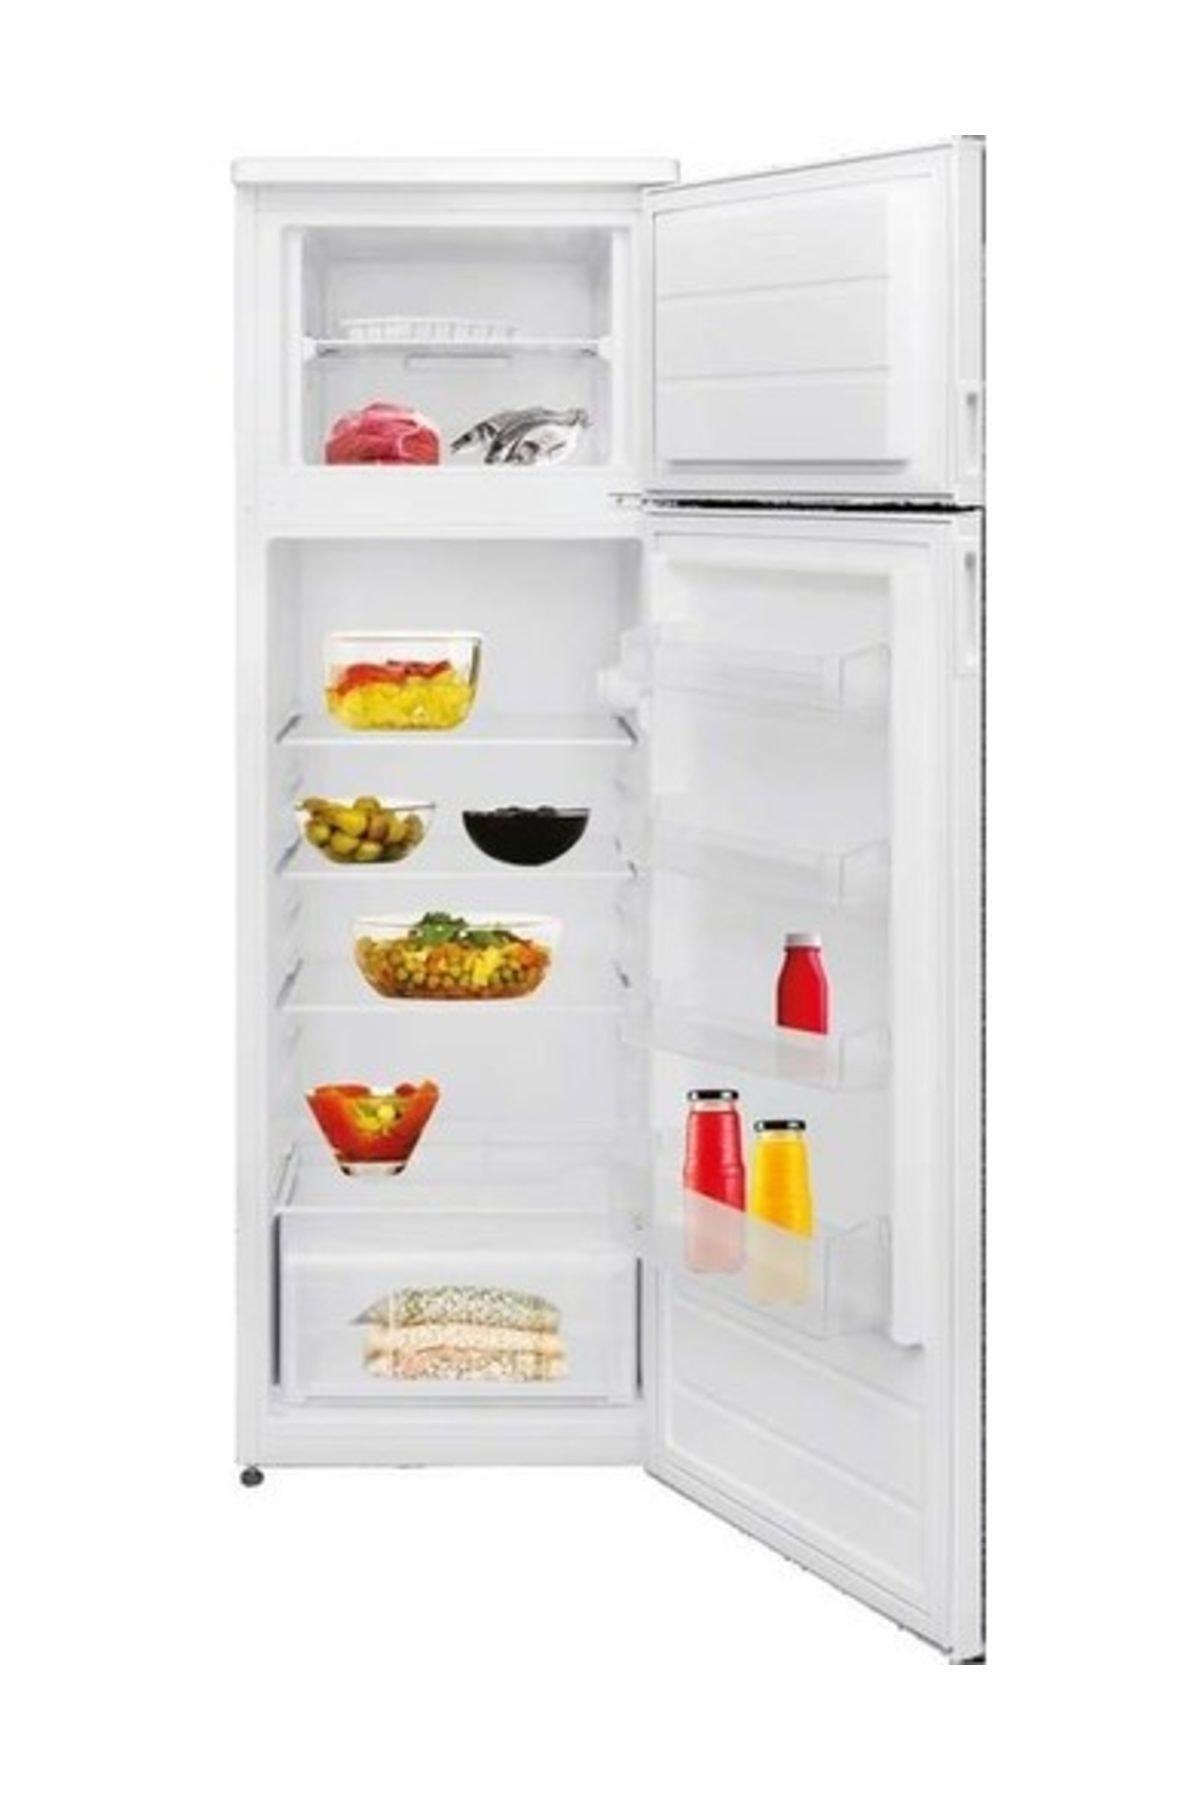 Seg SRF 2831 A+ Çift Kapılı Buzdolabı